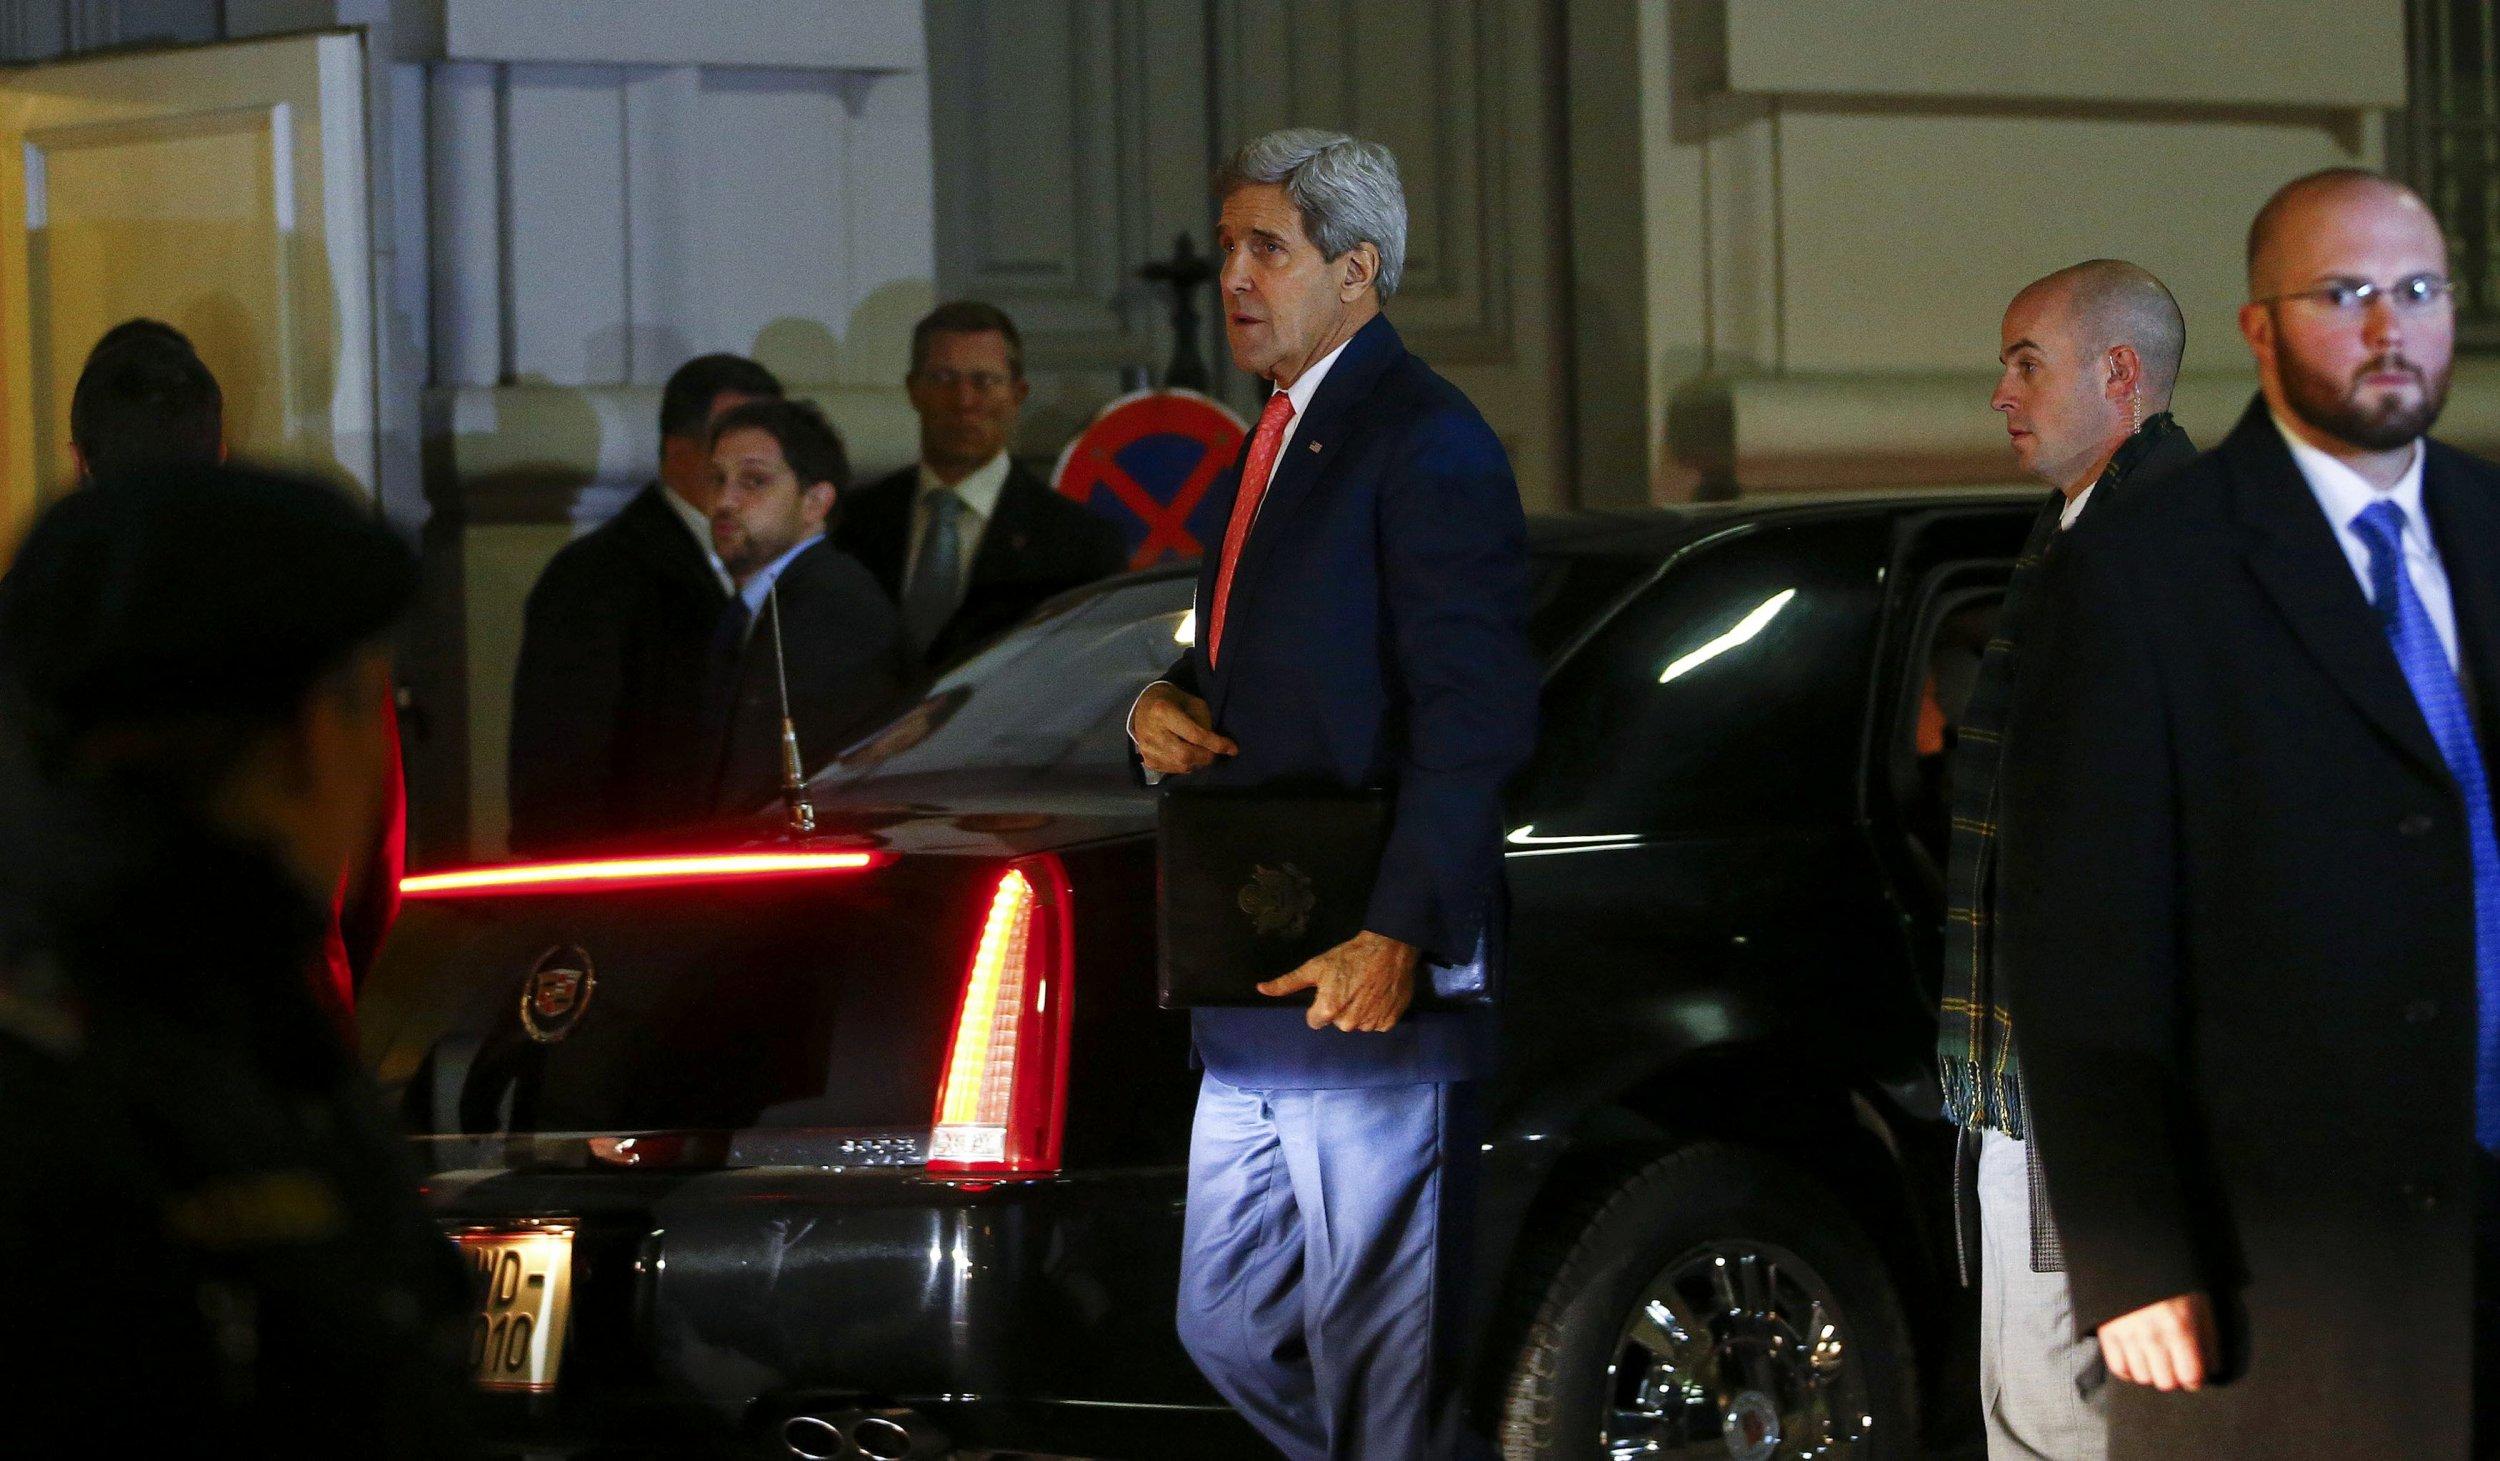 11-23-14 Kerry Iran talks